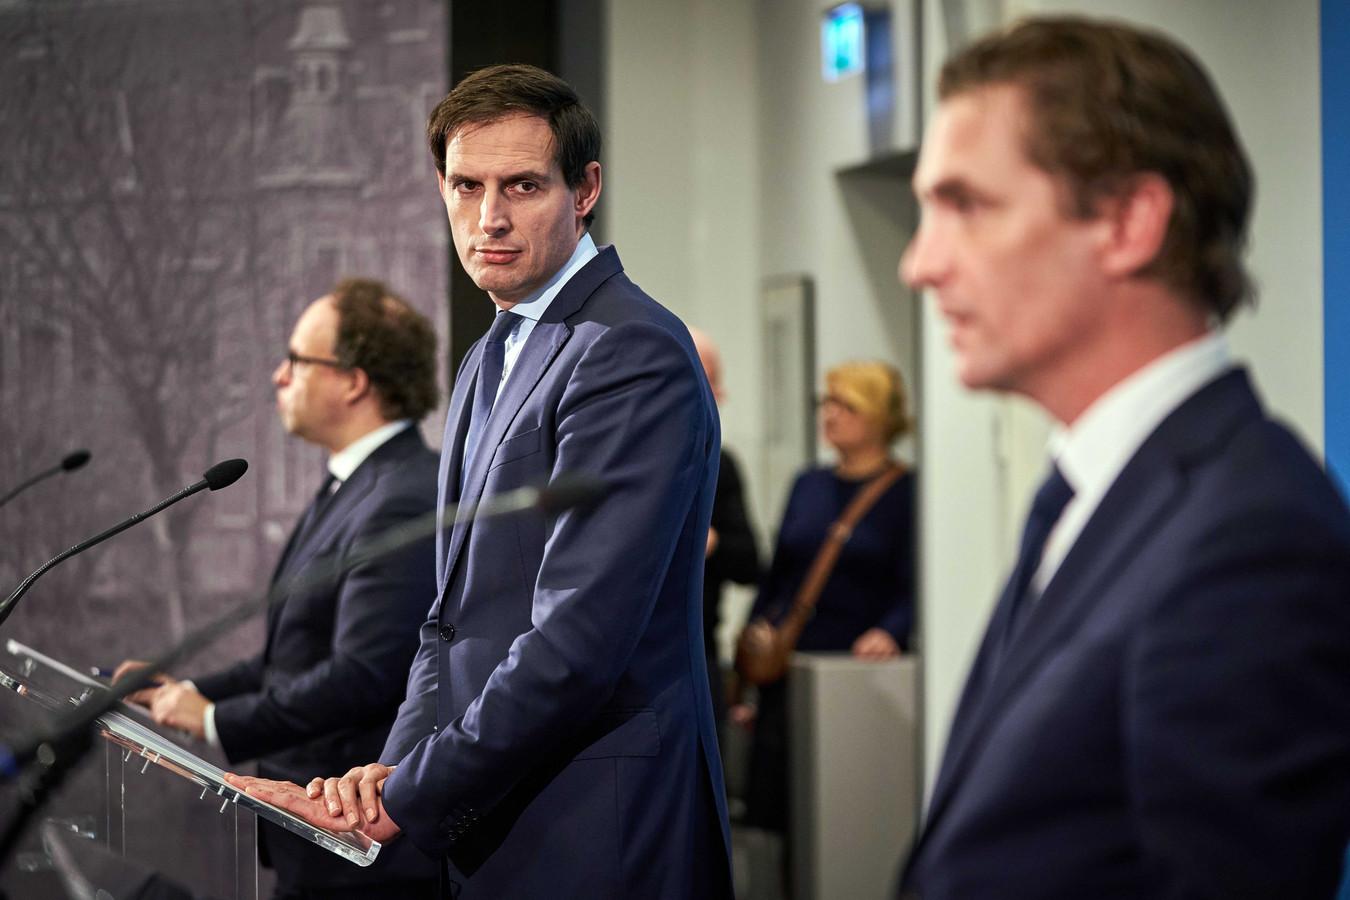 Demissionair ministers Bas van 't Wout (Economische Zaken en Klimaat), Wouter Koolmees (Sociale Zaken en Werkgelegenheid) en Wopke Hoekstra (Financiën) zijn verantwoordelijk voor de coronasteun.